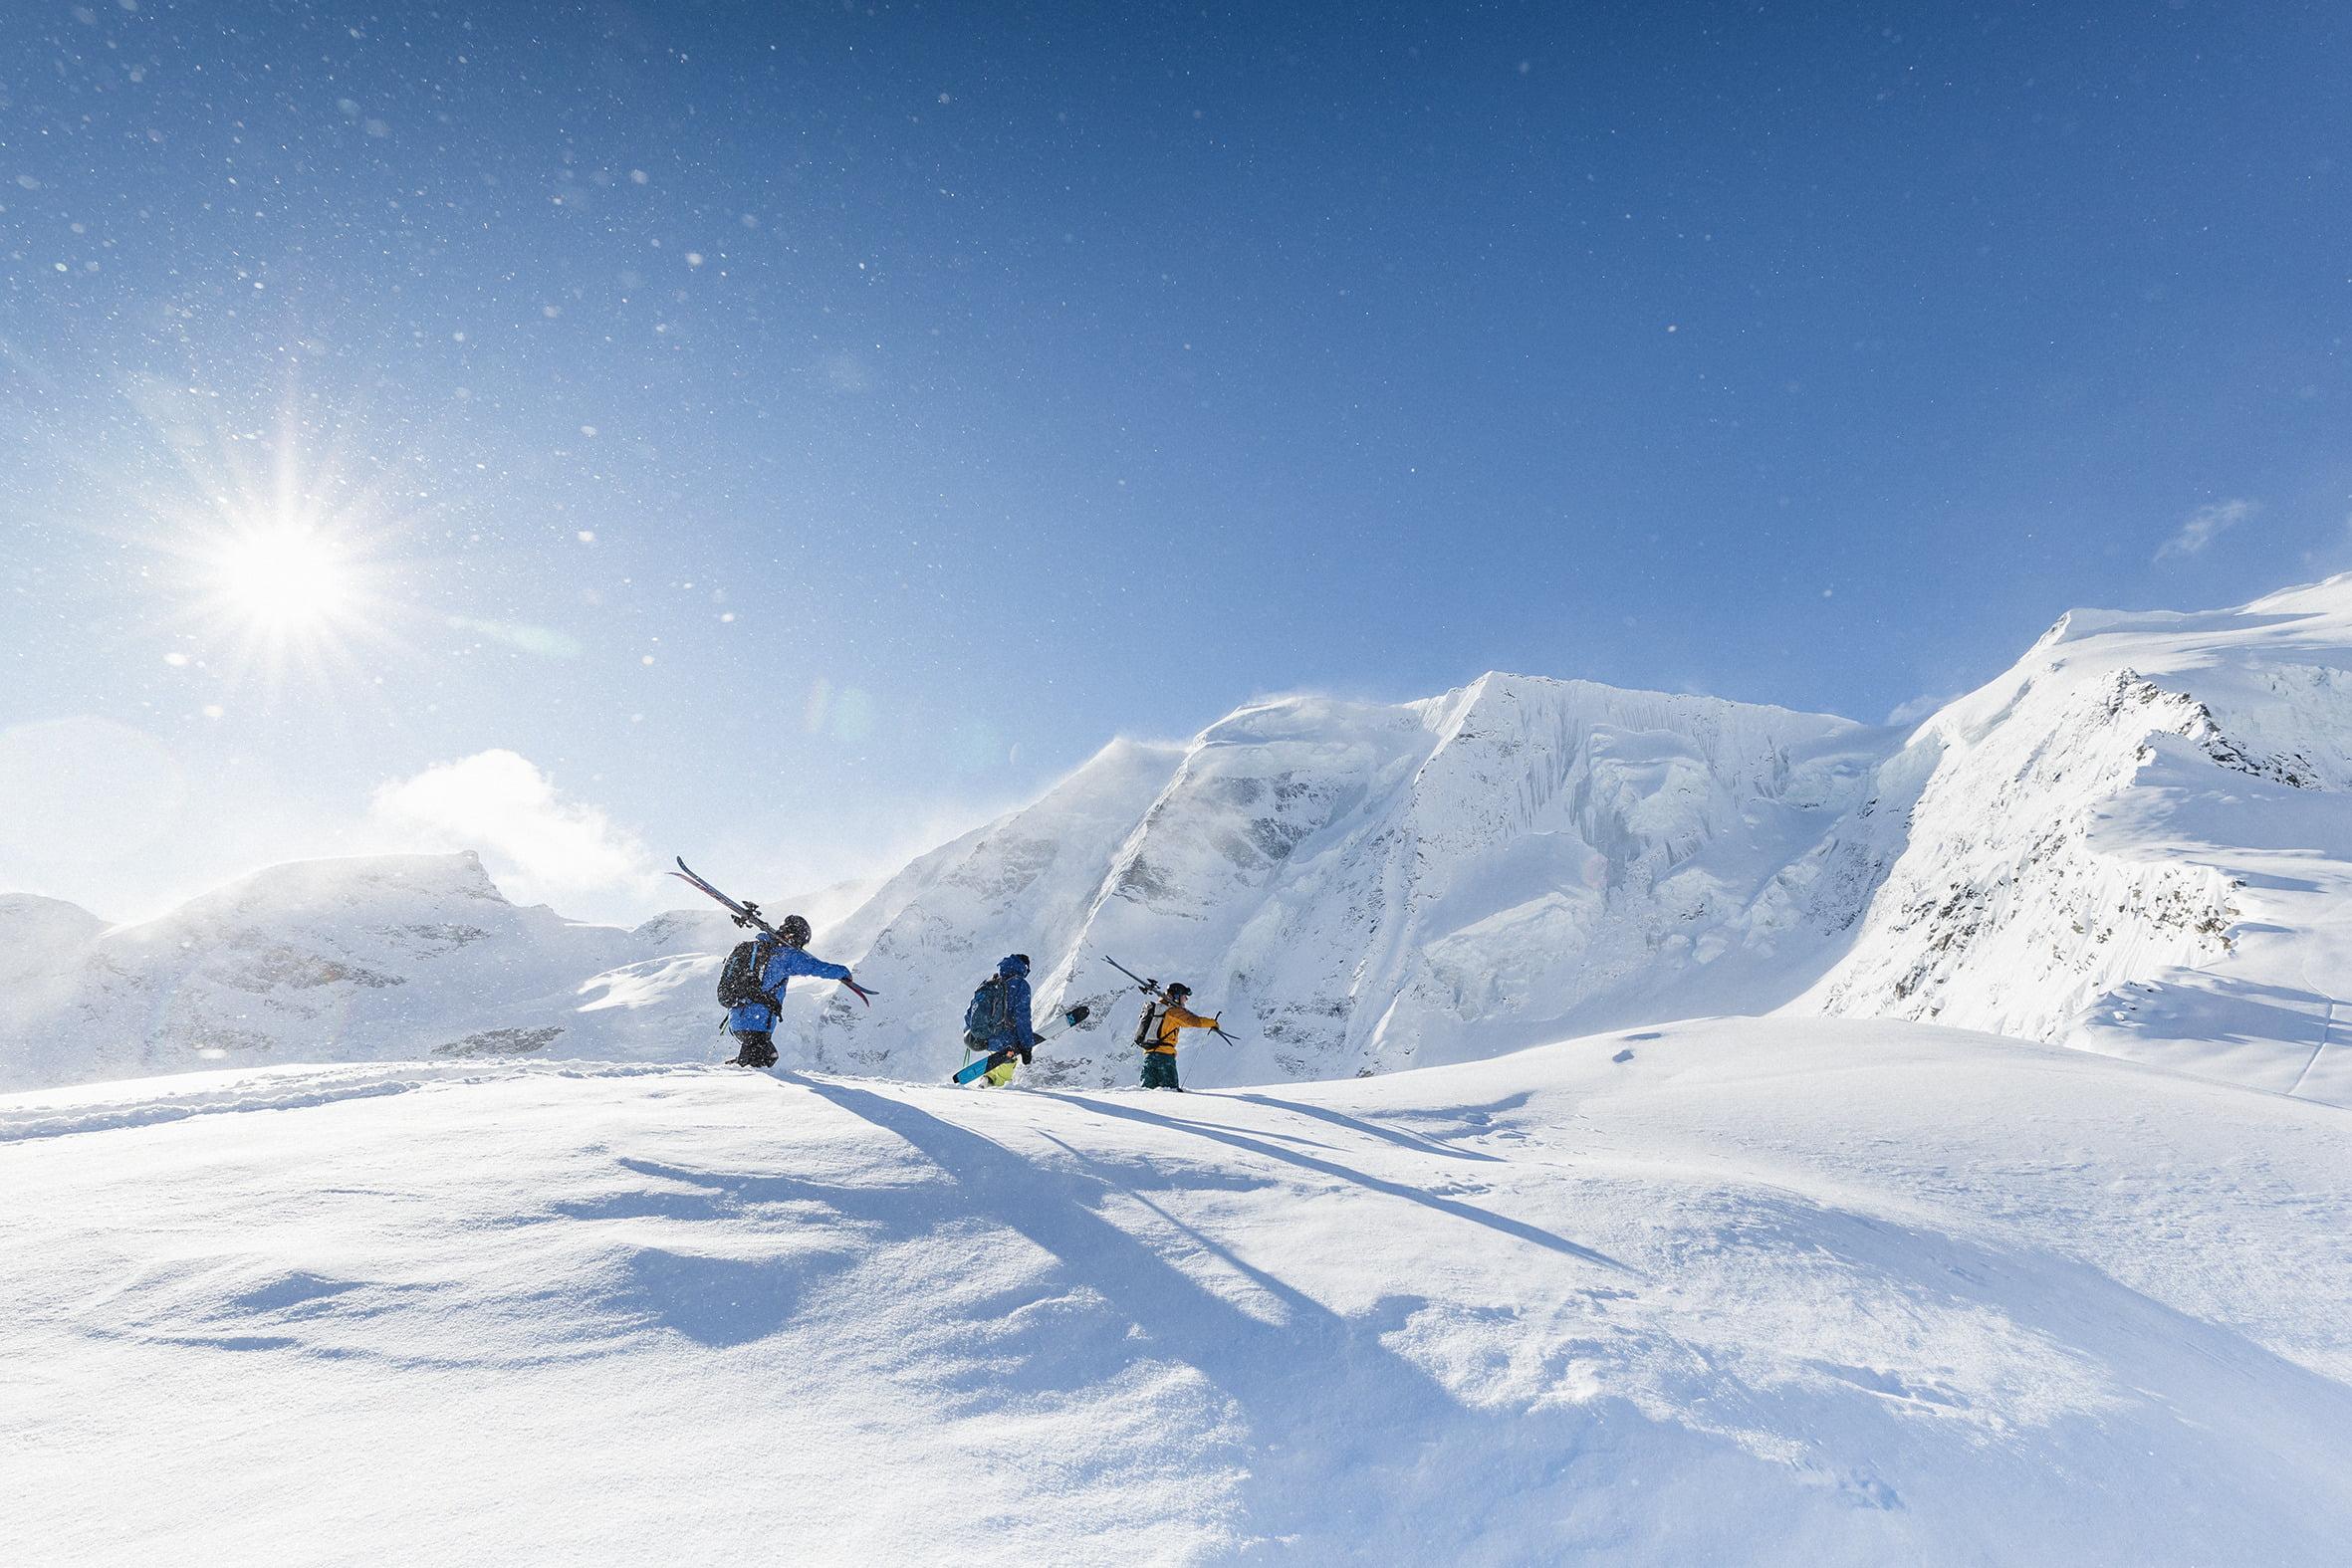 Ski tours & mountaineering